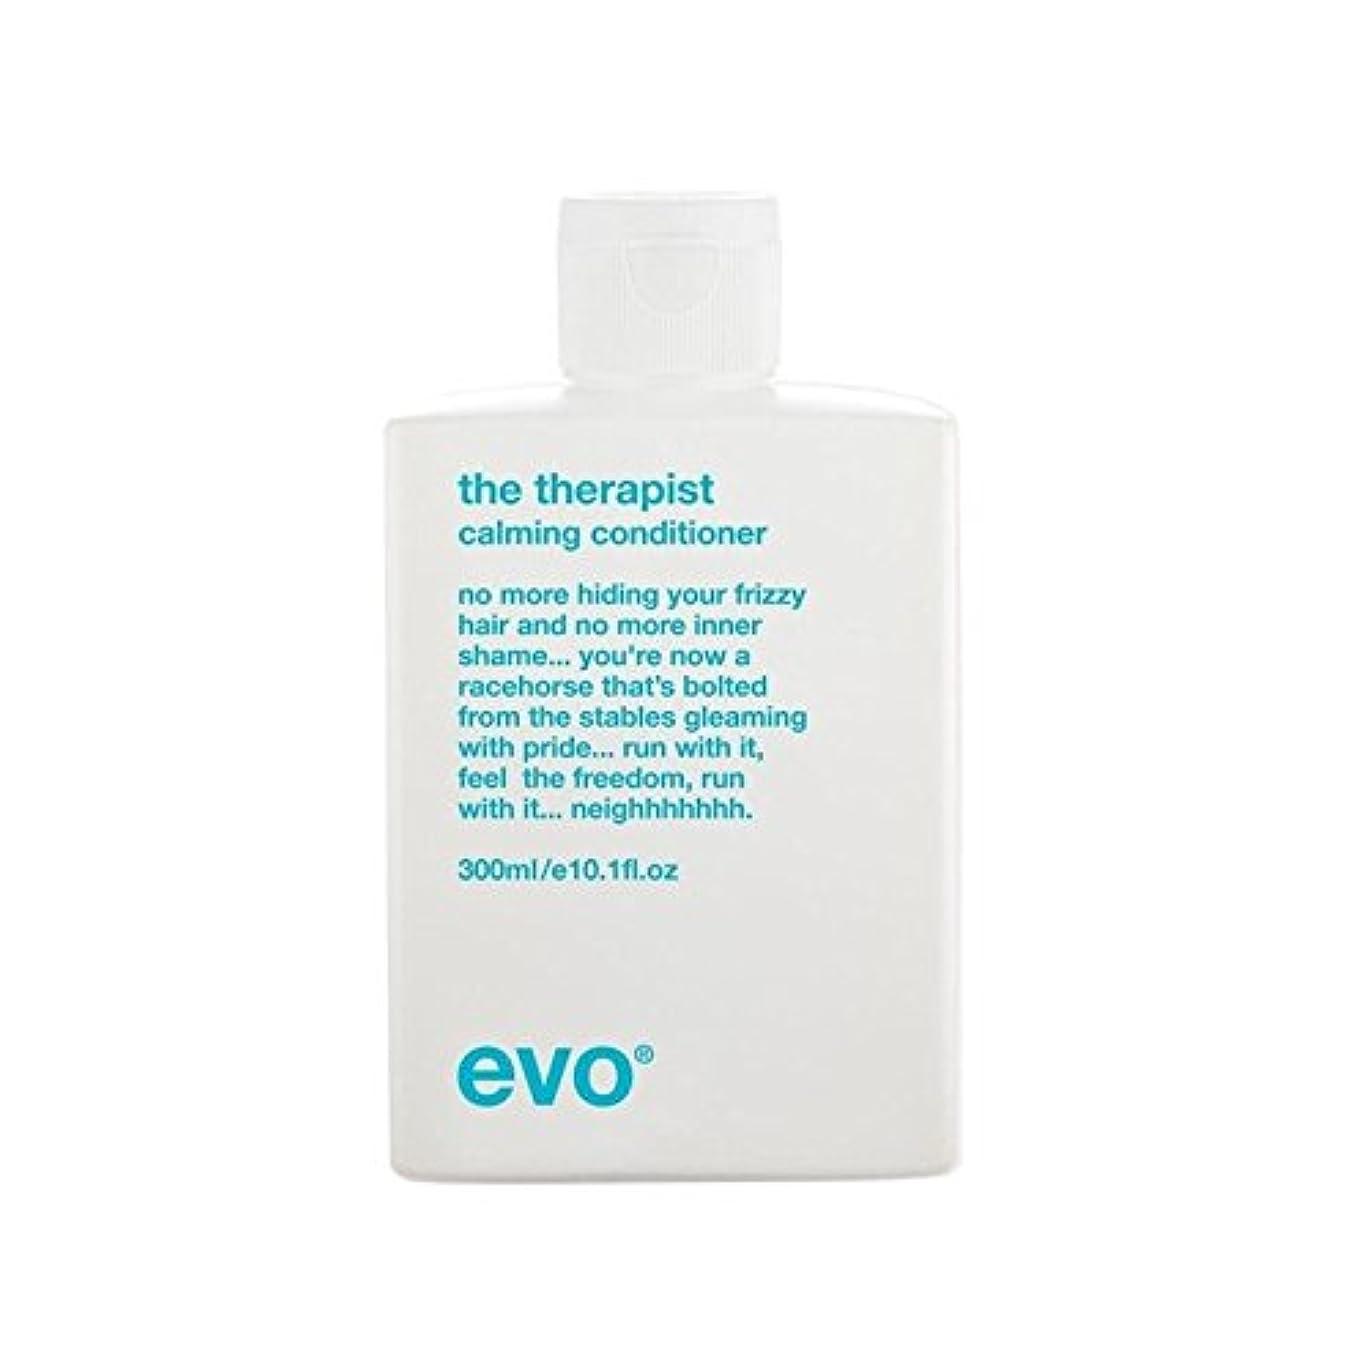 東ティモール先住民祝うセラピスト沈静コンディショナー(300ミリリットル) x4 - Evo The Therapist Calming Conditioner (300ml) (Pack of 4) [並行輸入品]